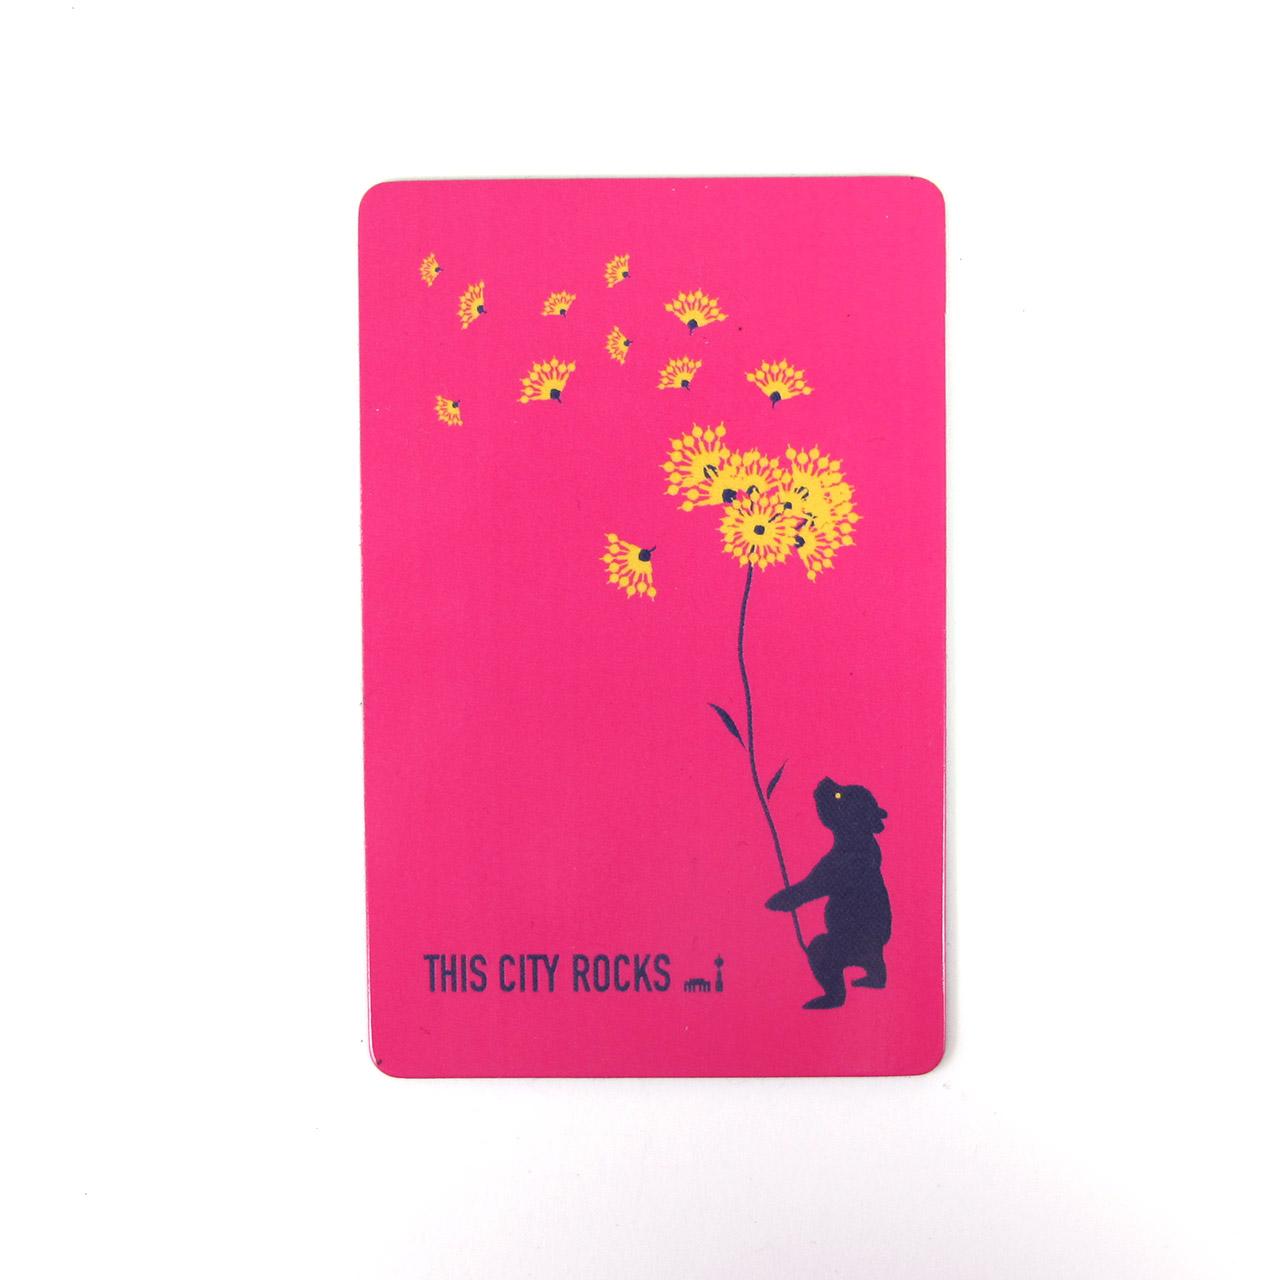 Berlinmagnet Bär und Blumen pink